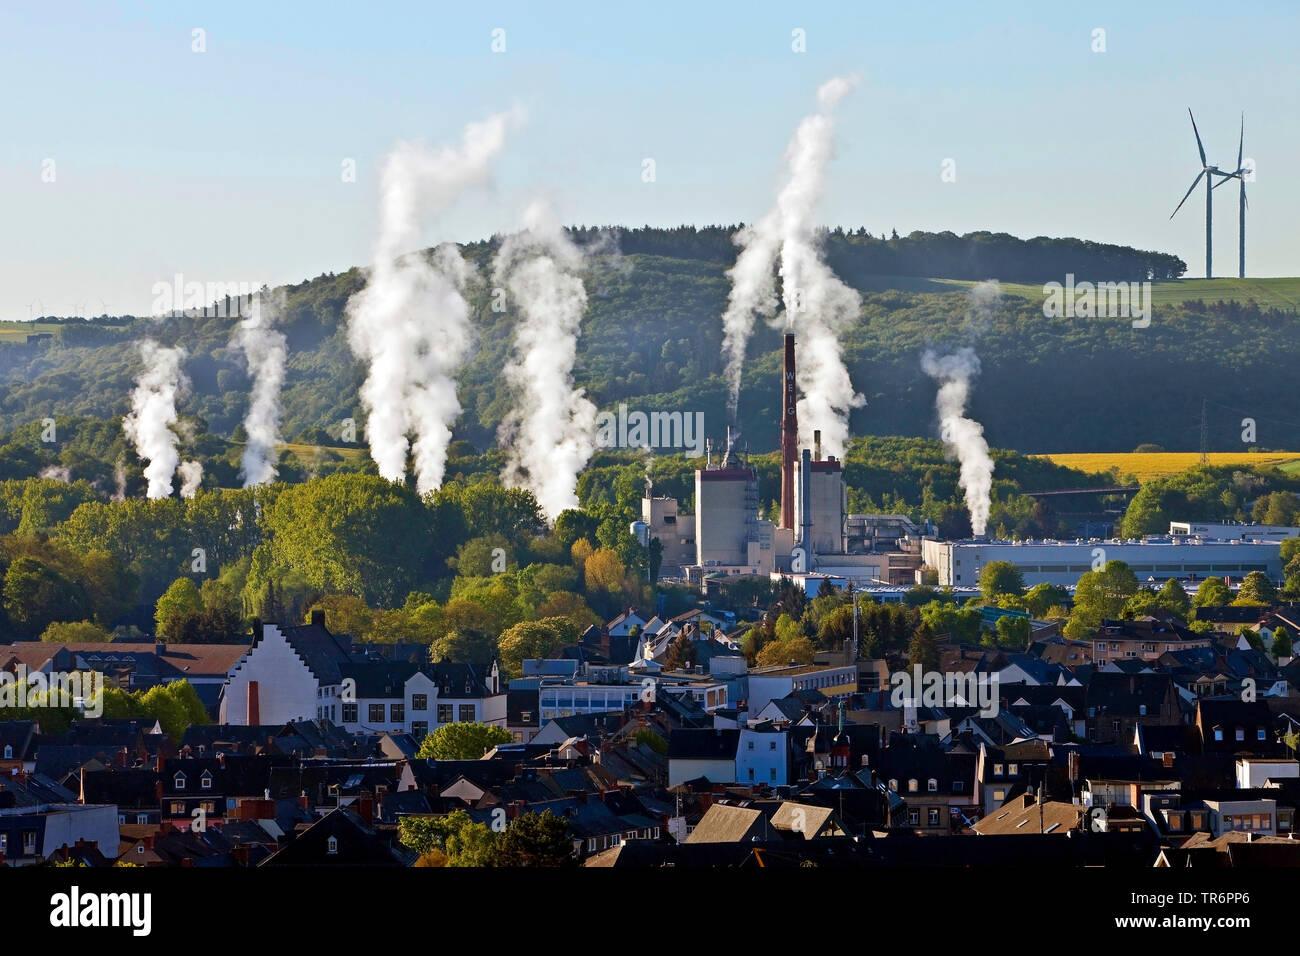 senkrecht aufsteigende Dampfwolken ueber einem Industriegebiet am Stadtrand, Deutschland, Rheinland-Pfalz, Eifel, Mayen   steam clouds over an industr - Stock Image